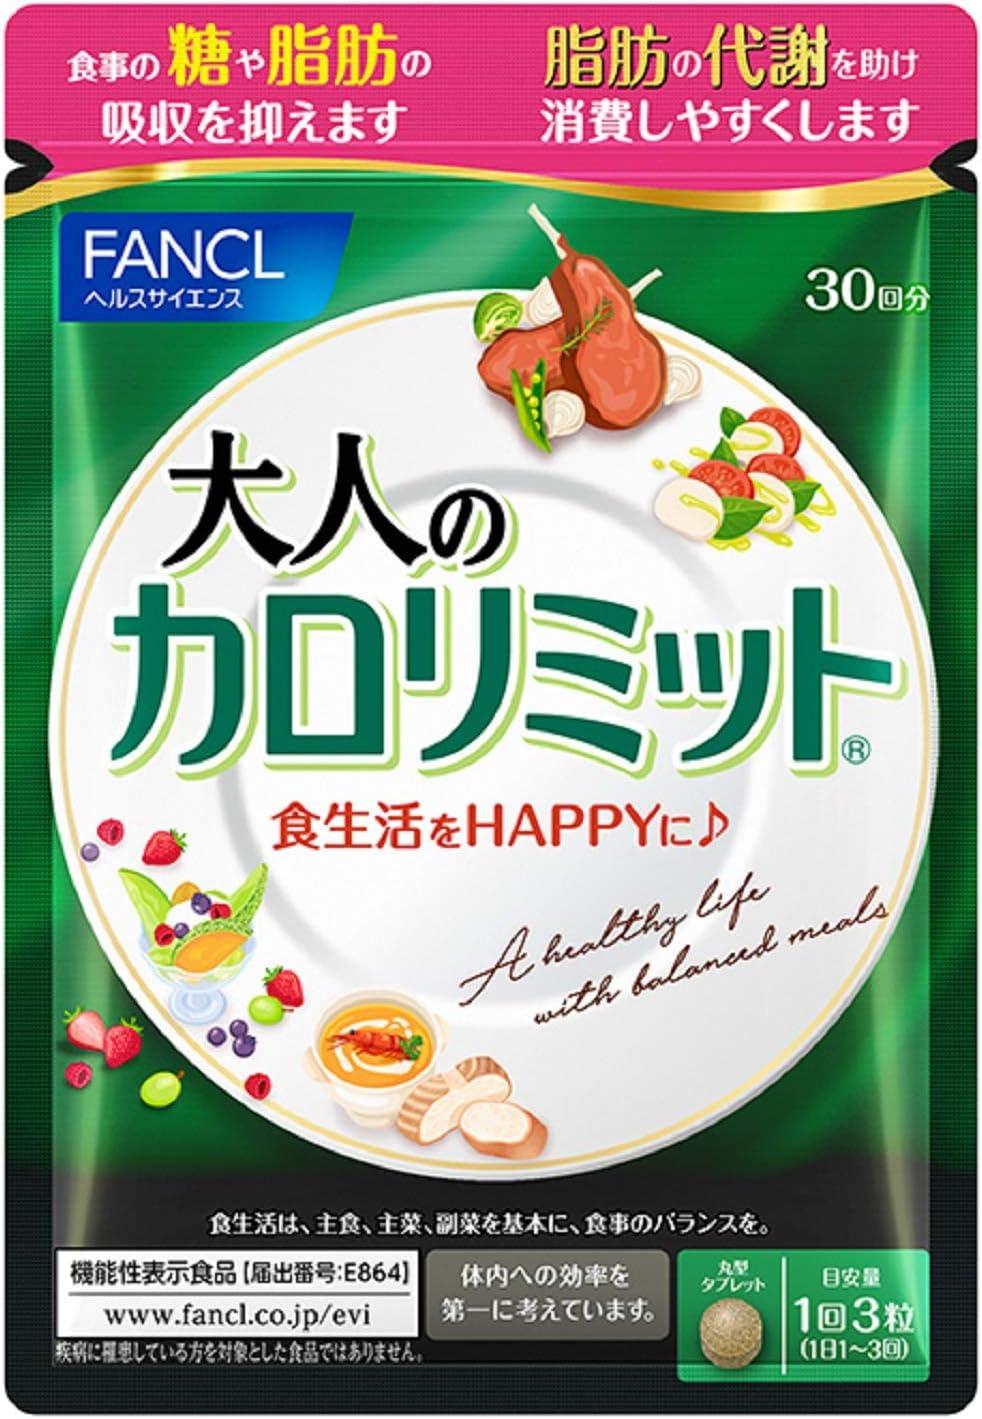 おすすめ1位:ファンケル (FANCL): 大人のカロリミットサプリメント